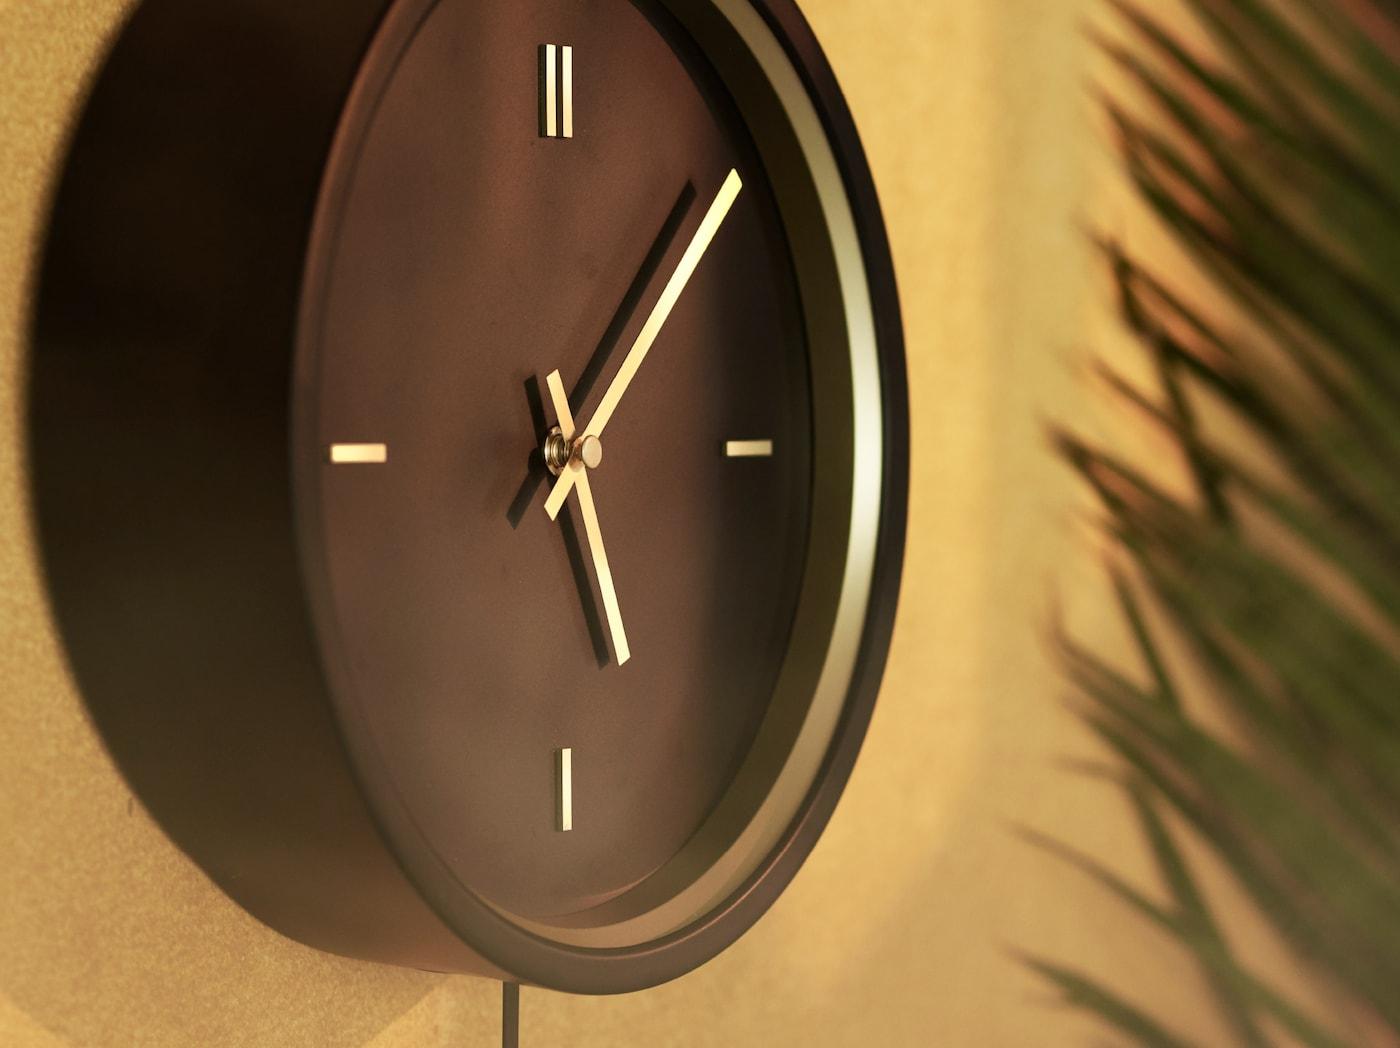 Nahaufnahme der schwarzen STURSK Wanduhr mit goldfarbenen Details  an einer goldbraun gestrichenen Wand